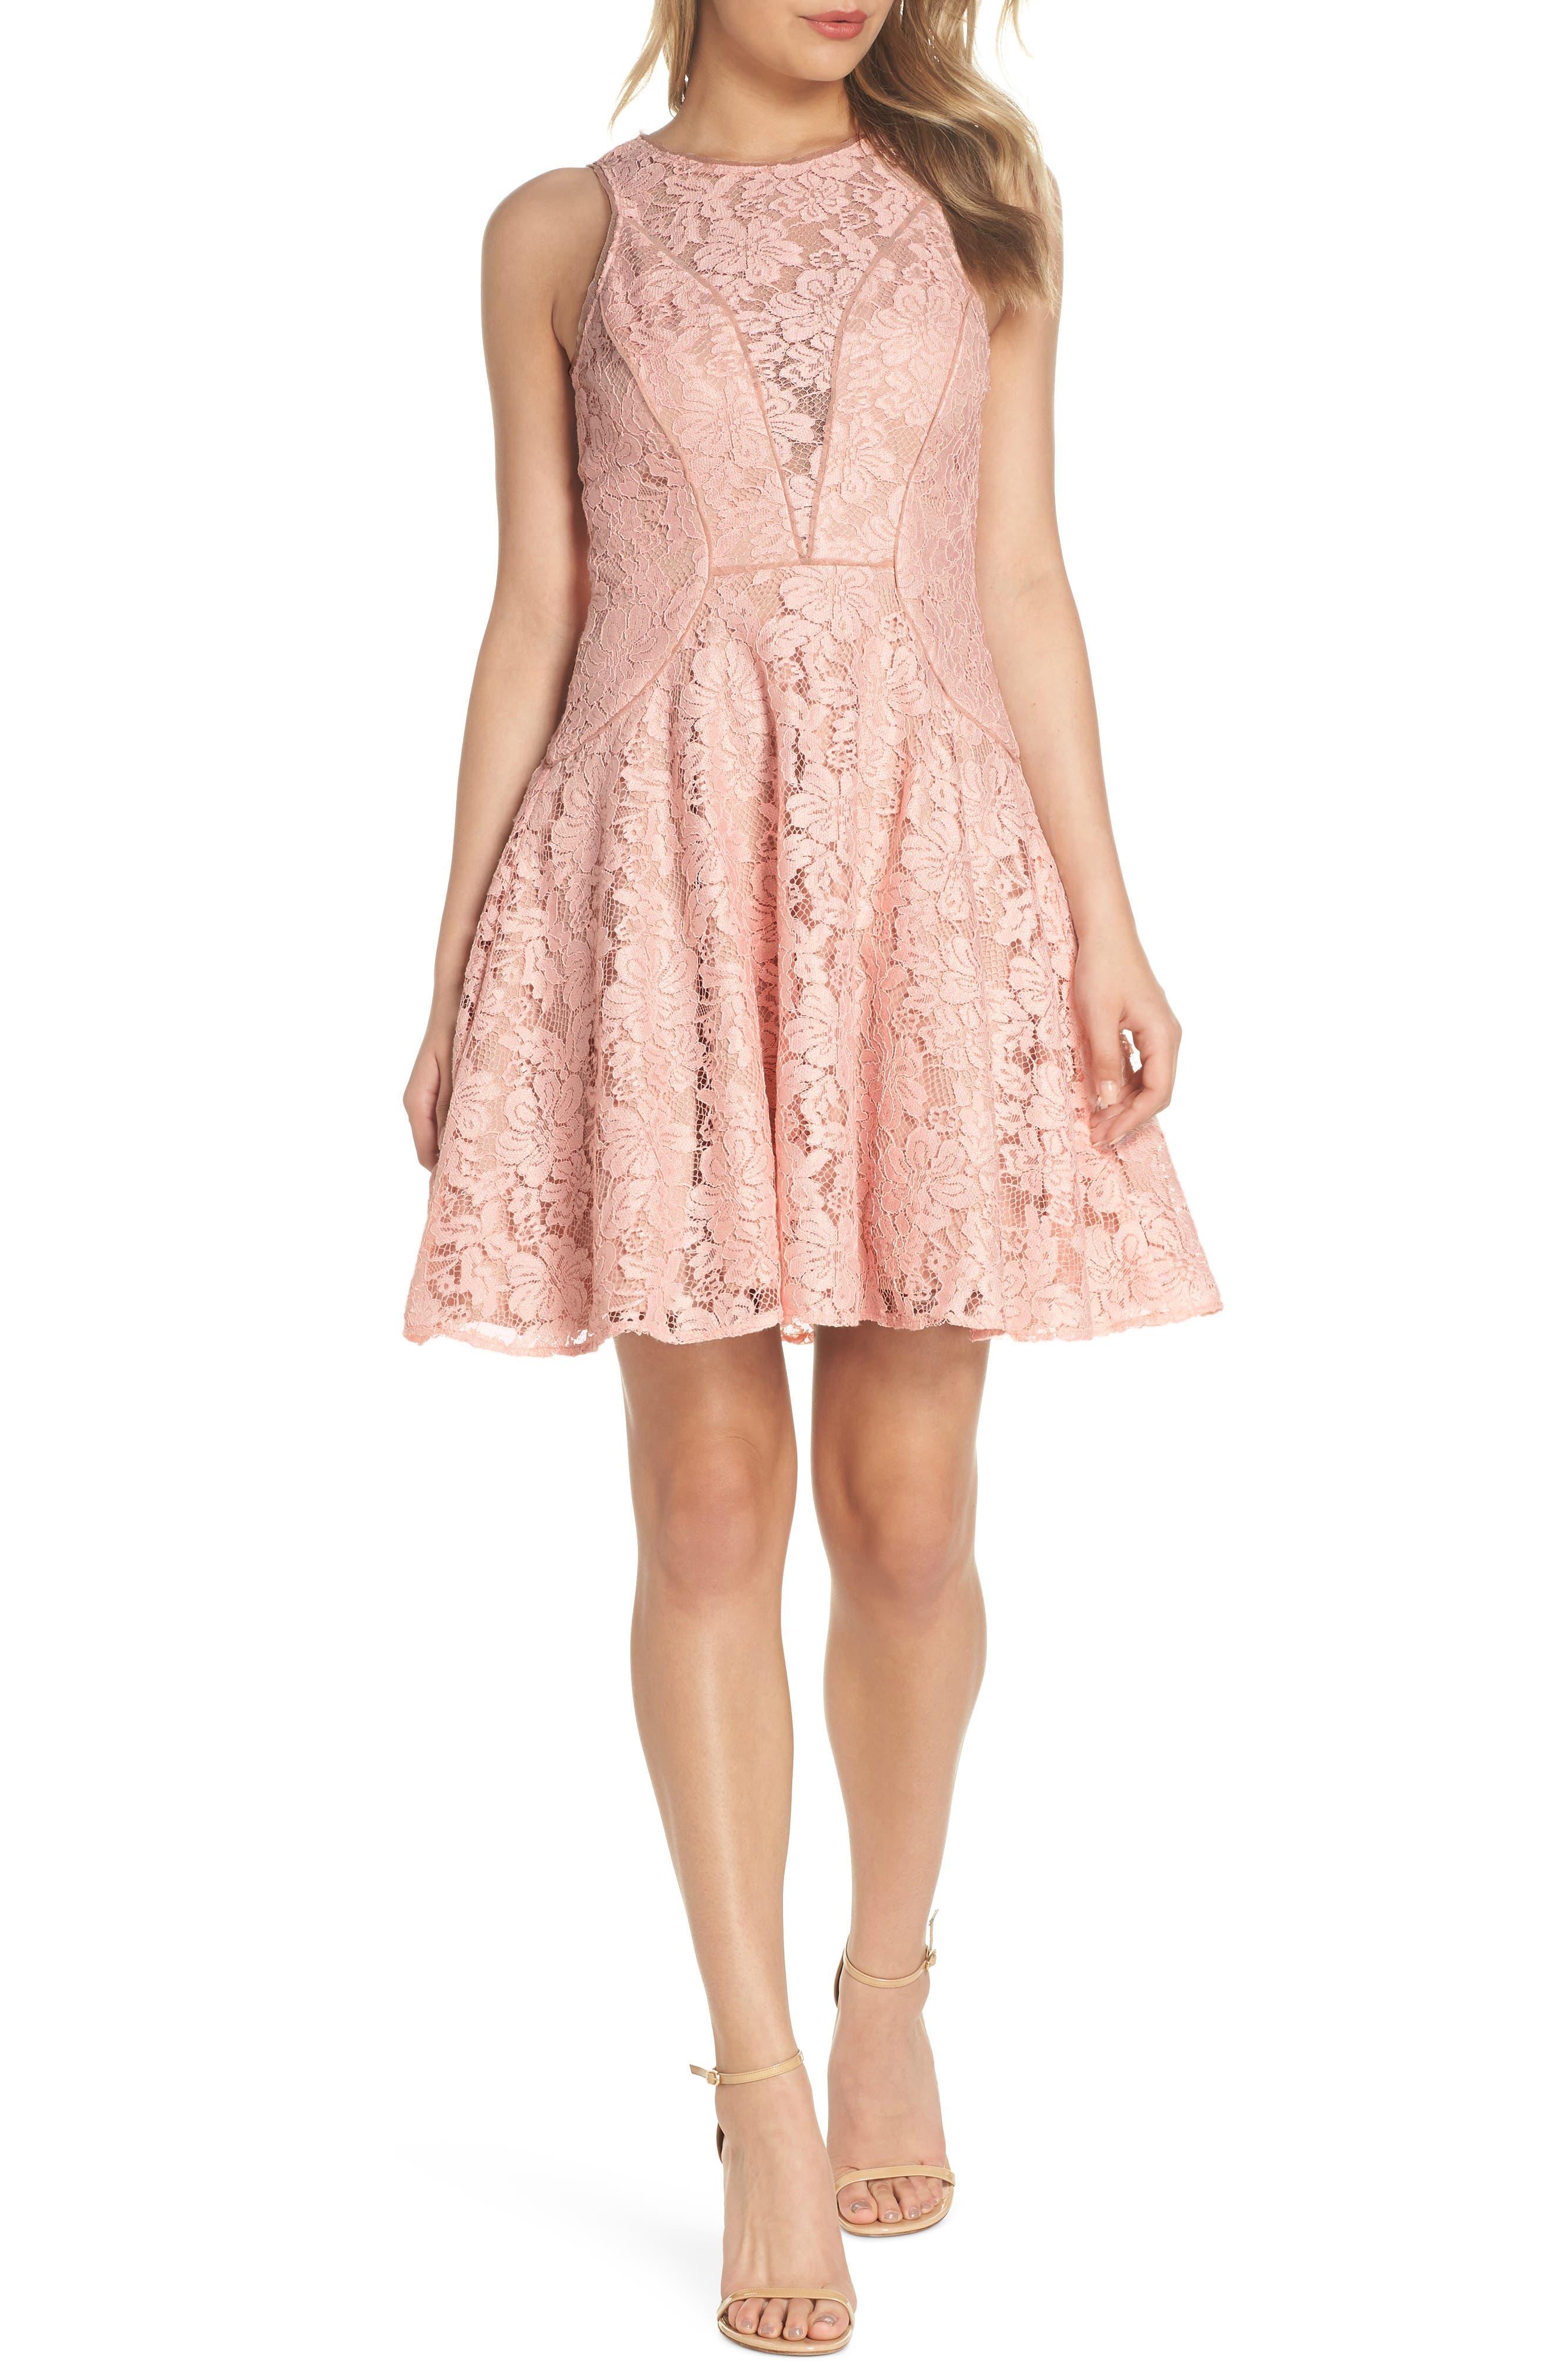 Xscape Lace Fit & Flare Dress